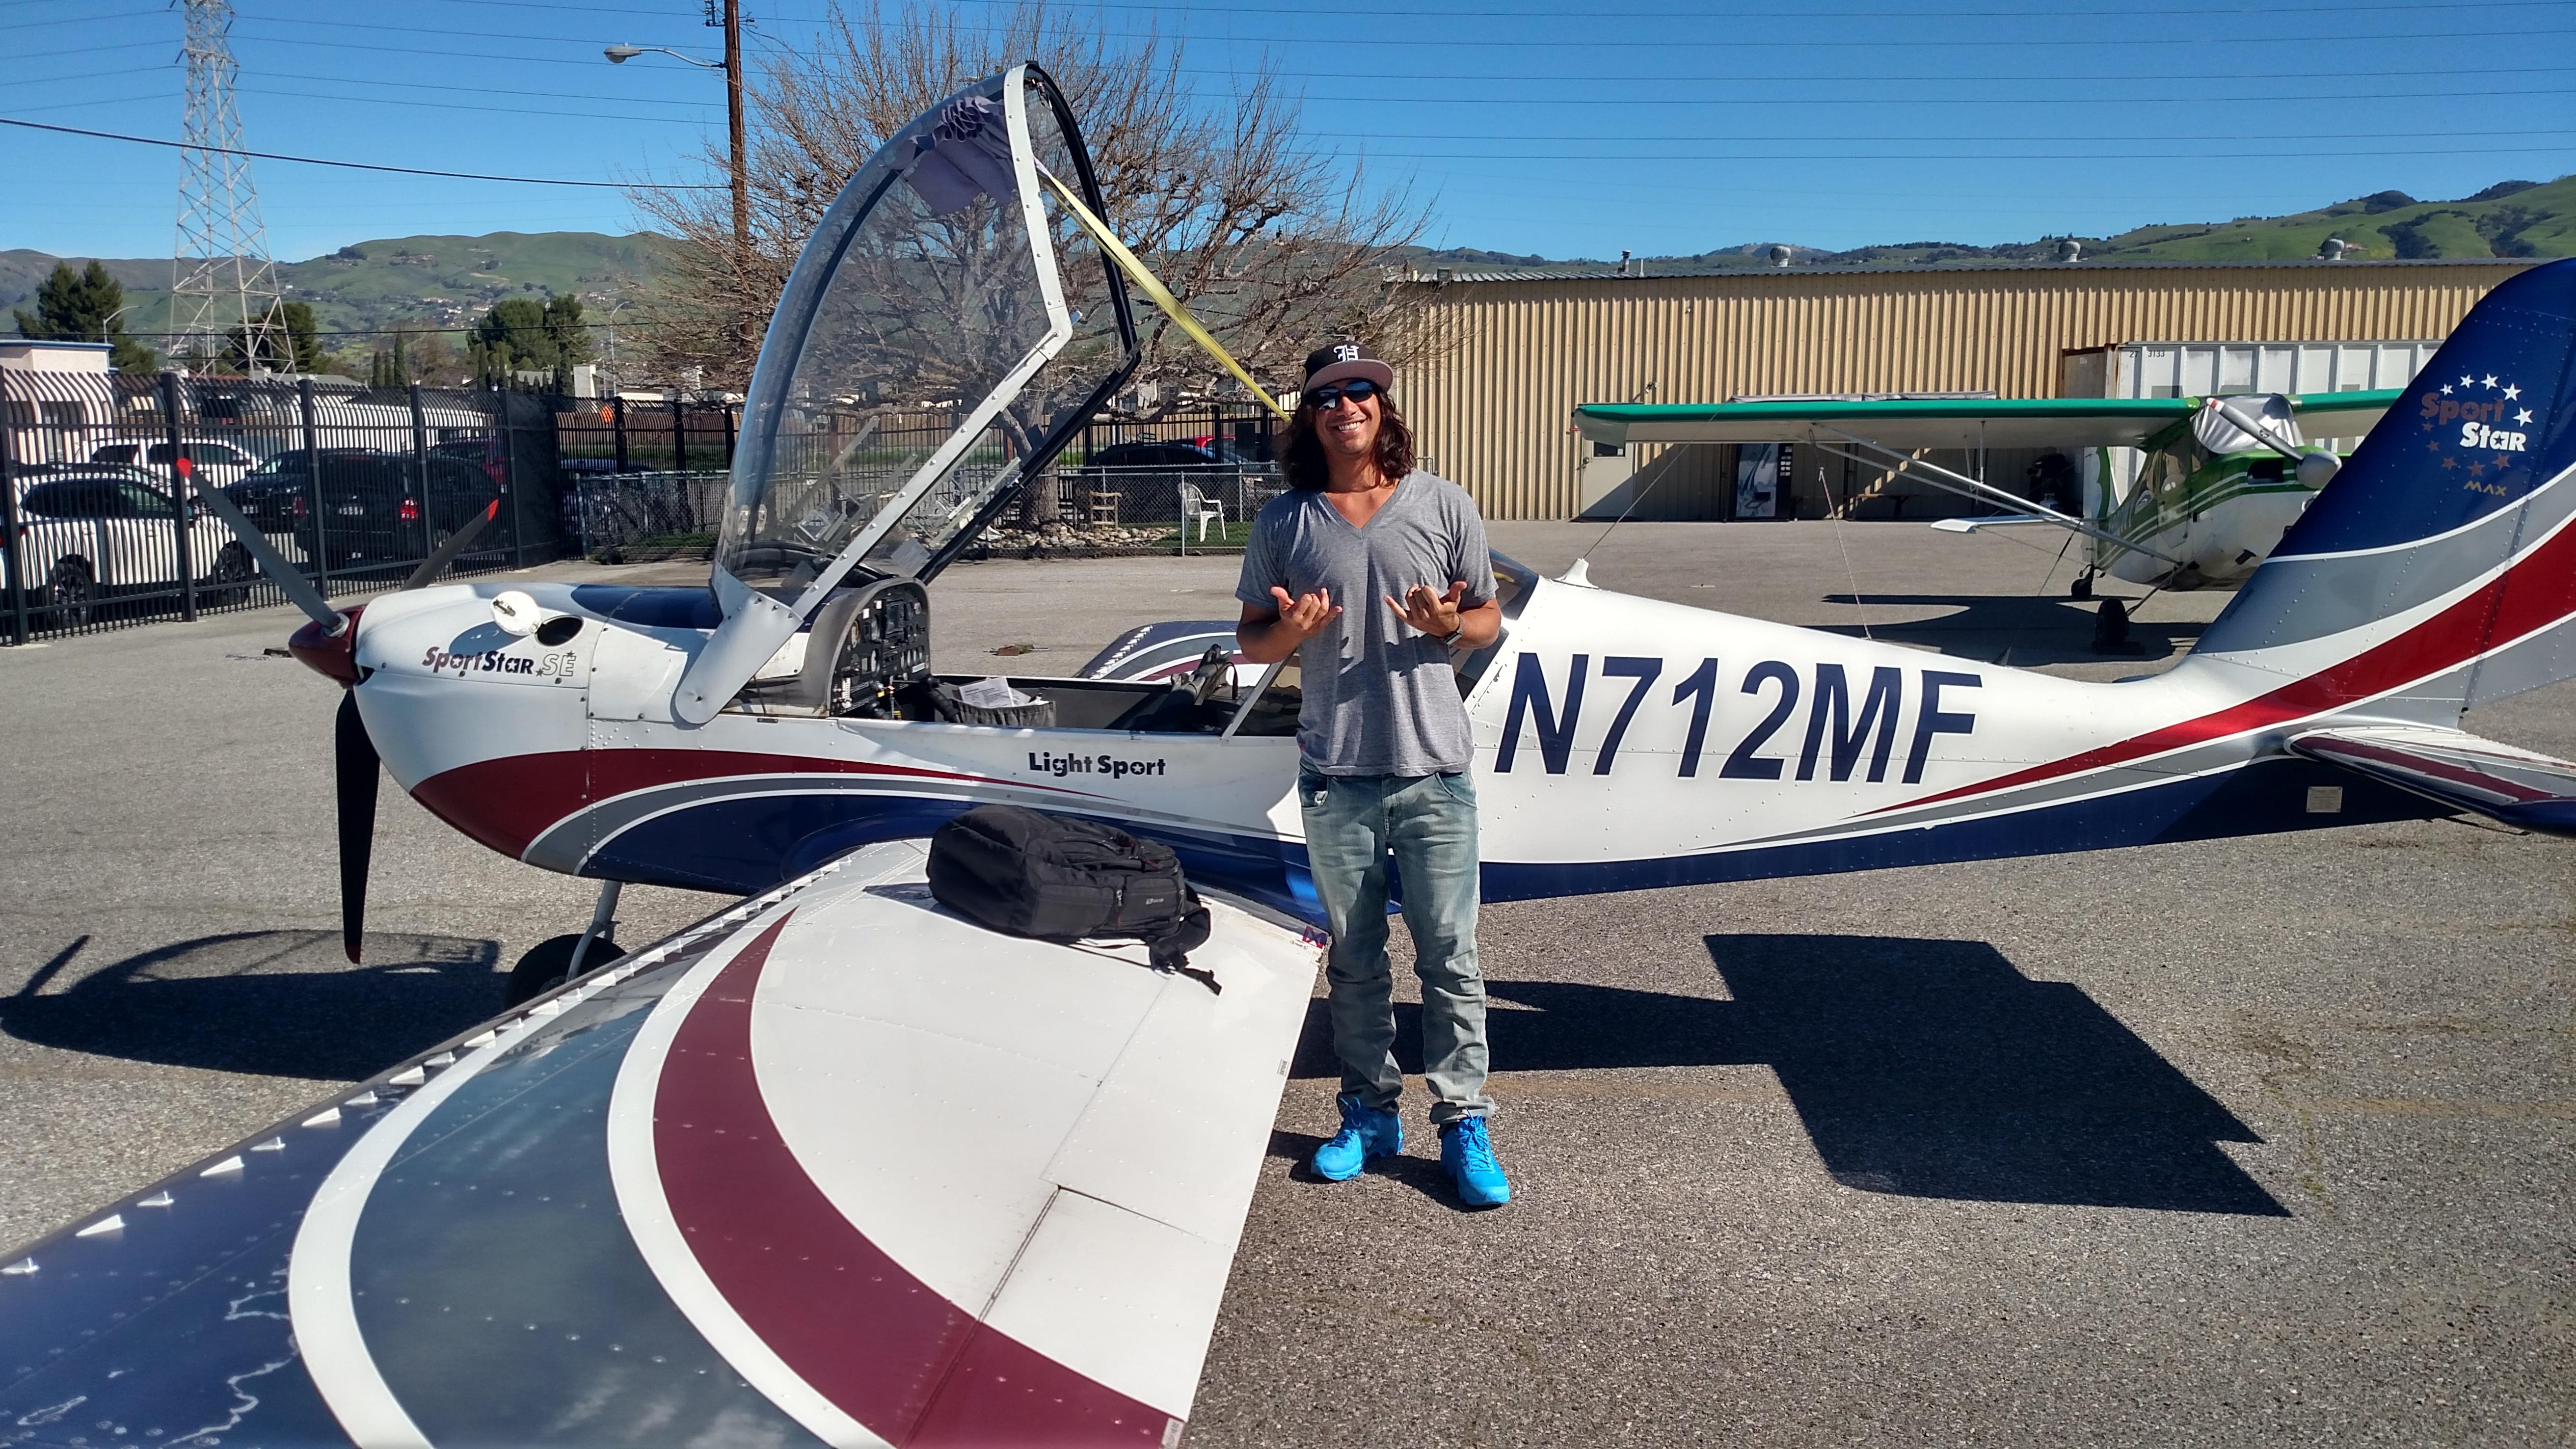 sport pilot, UAV, lsa, light sport, sportstar